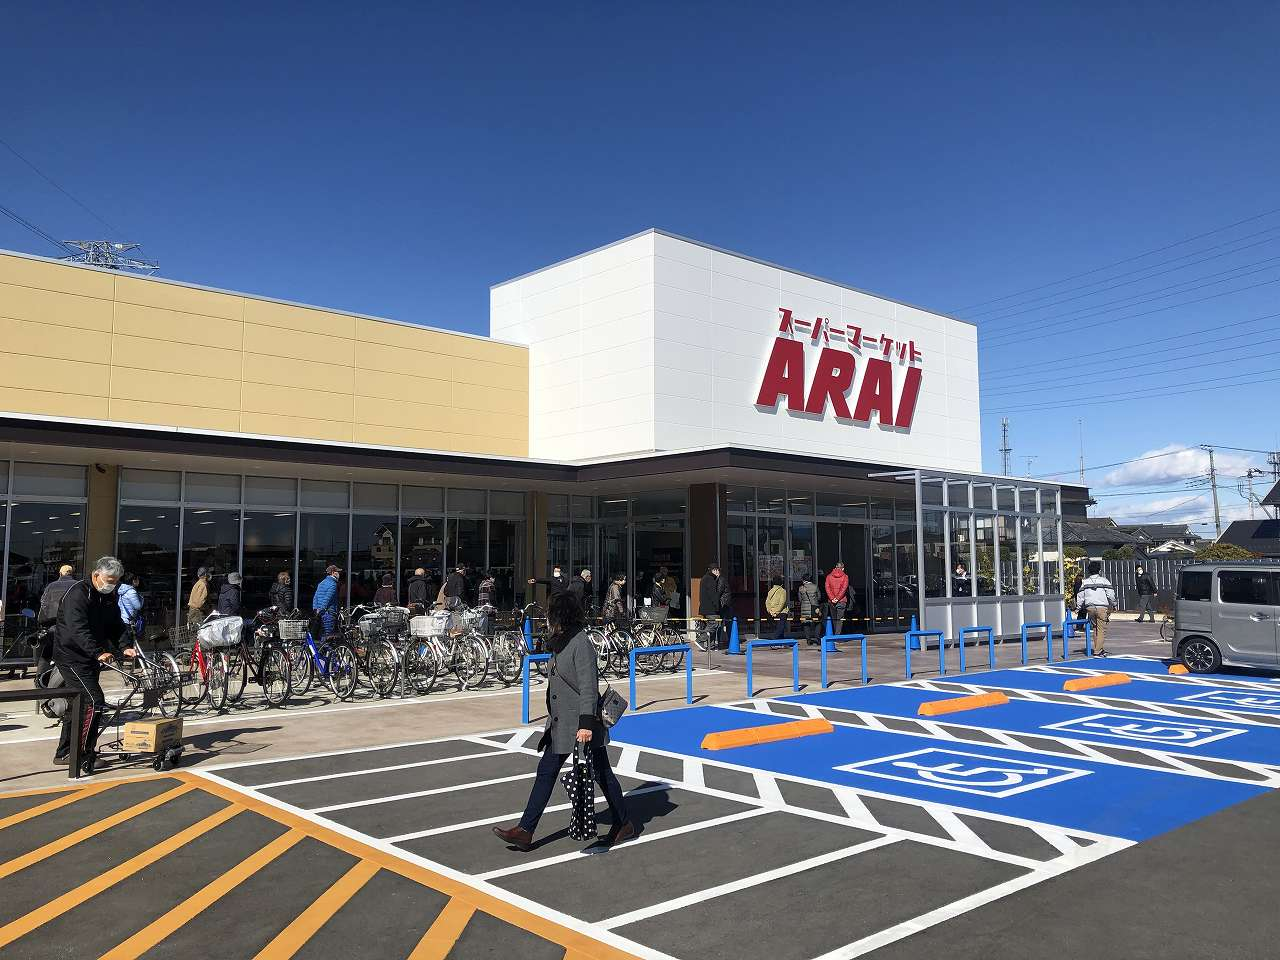 スーパーマーケットARAI様、快晴の中、待望のグランドオープン!